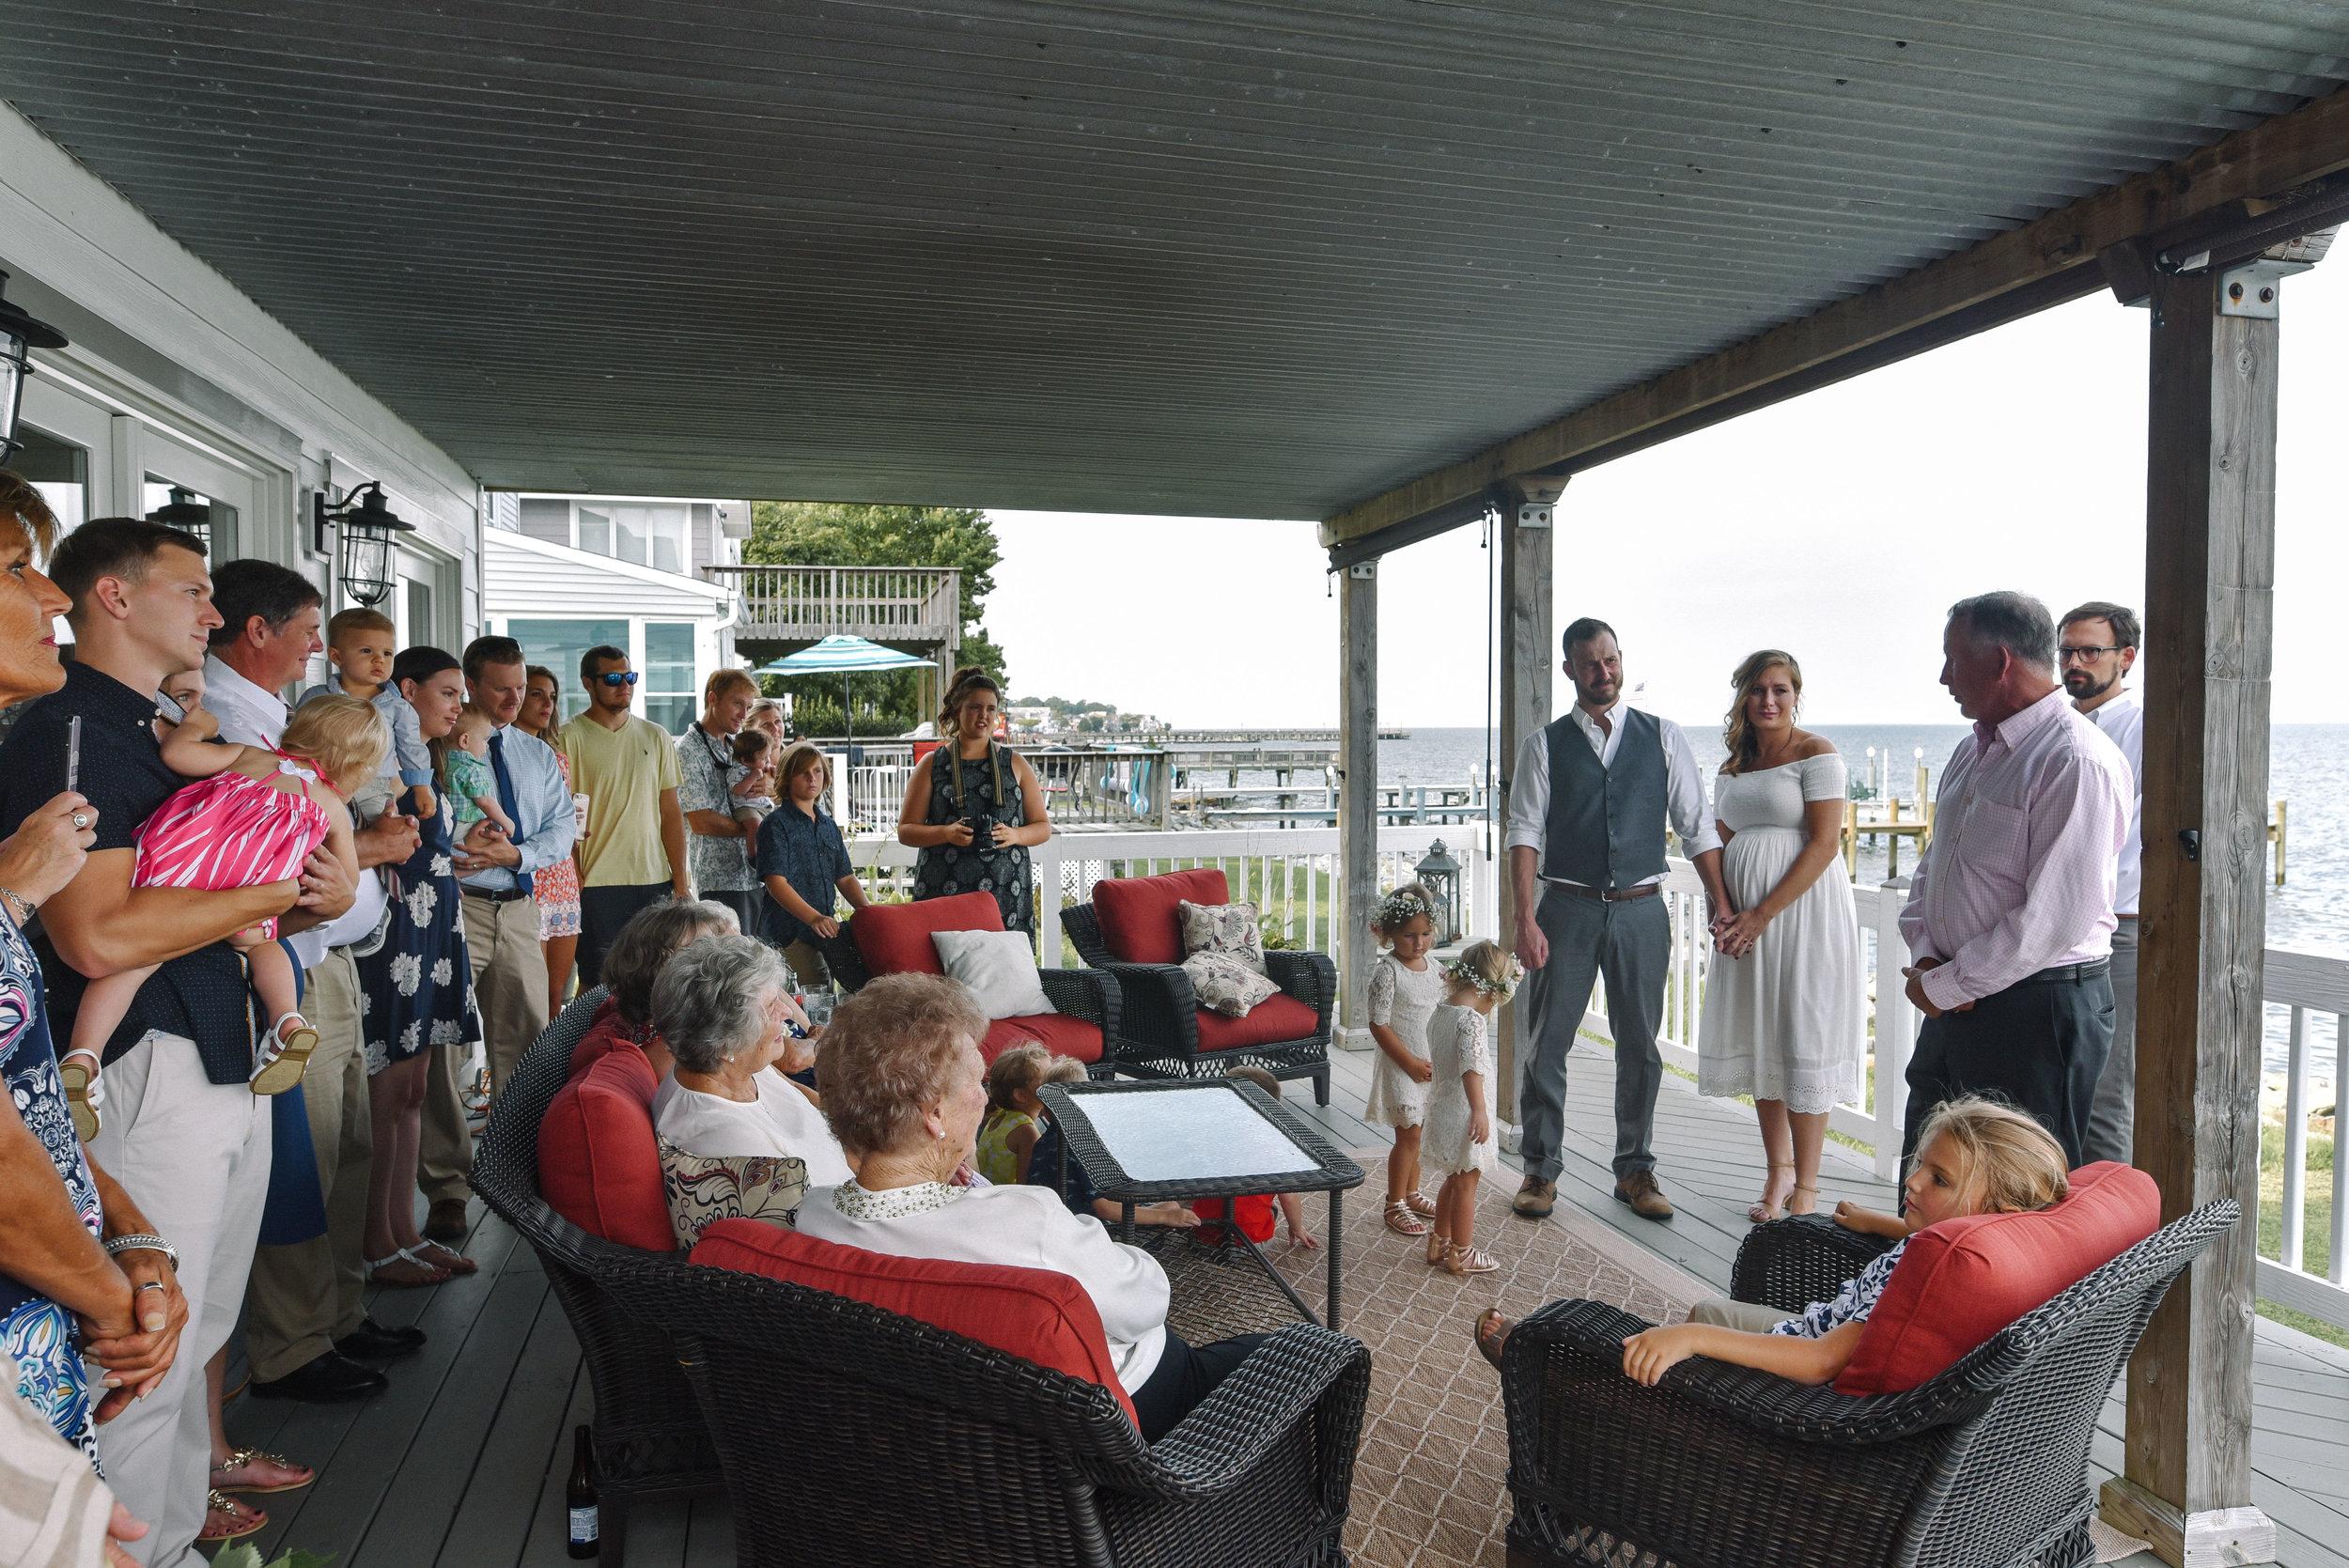 chesapeake_beach_backyard_wedding-43.jpg